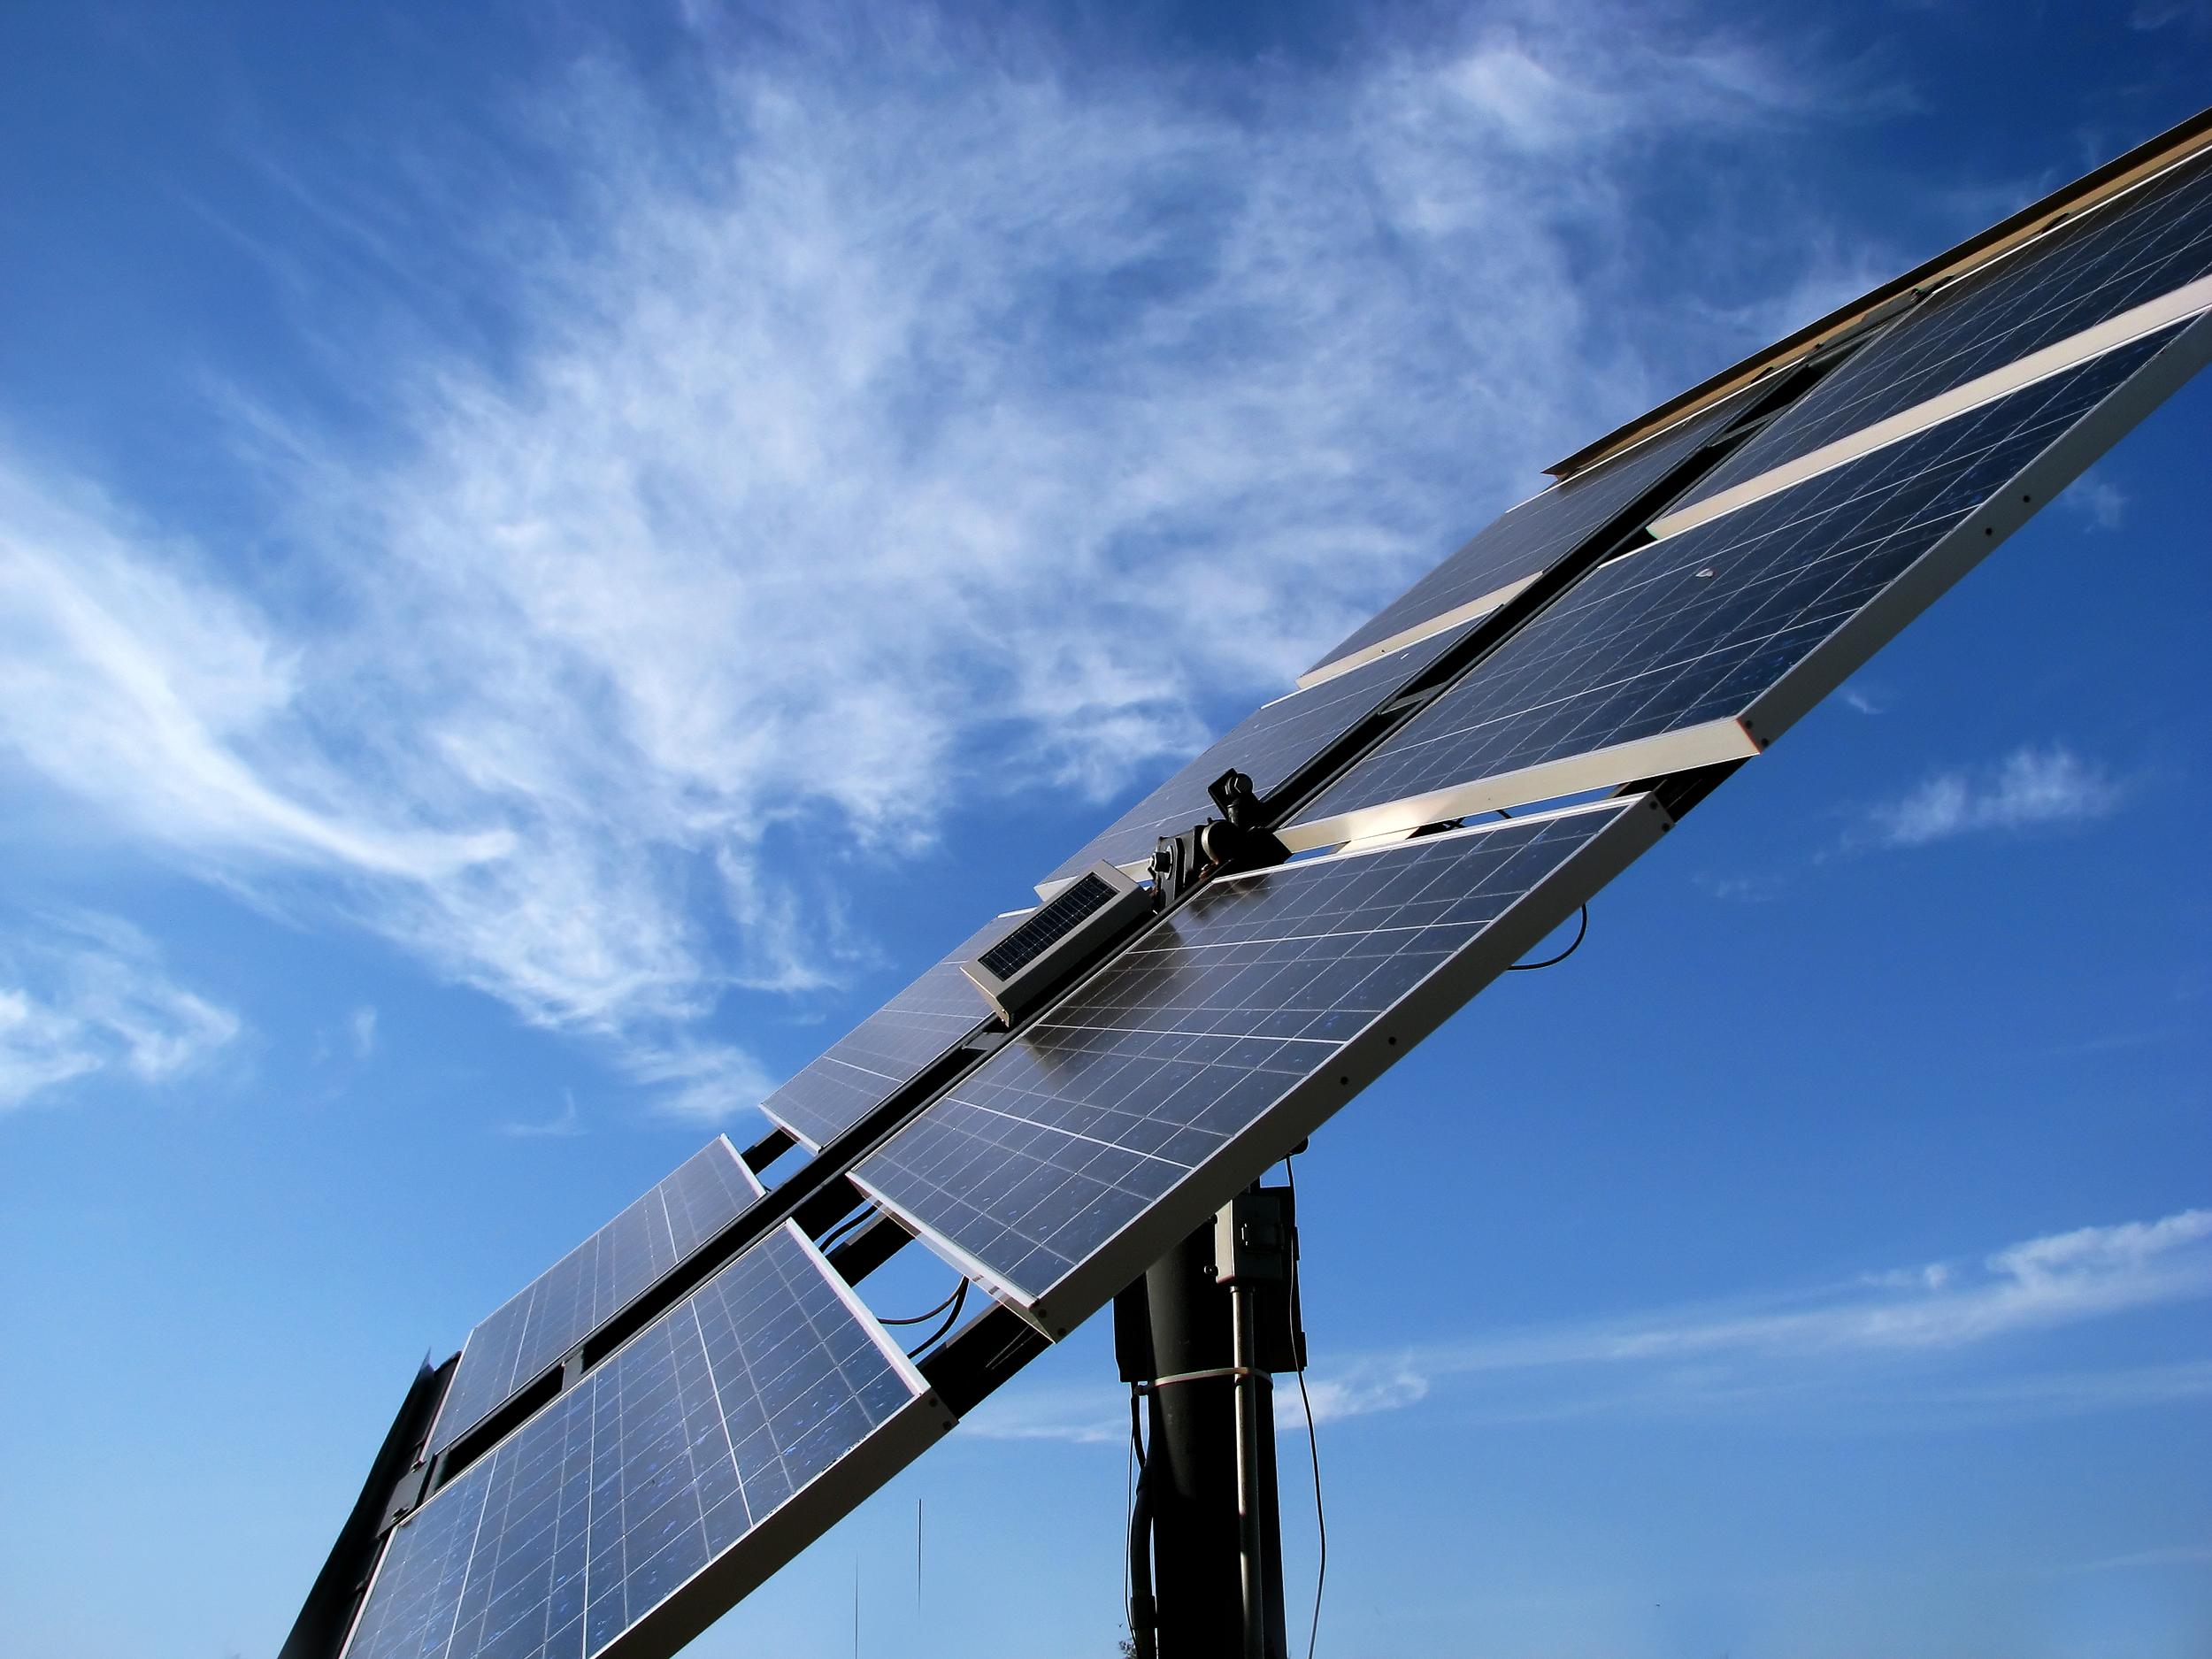 Mercado mundial de energia solar deve crescer 20% em 2014